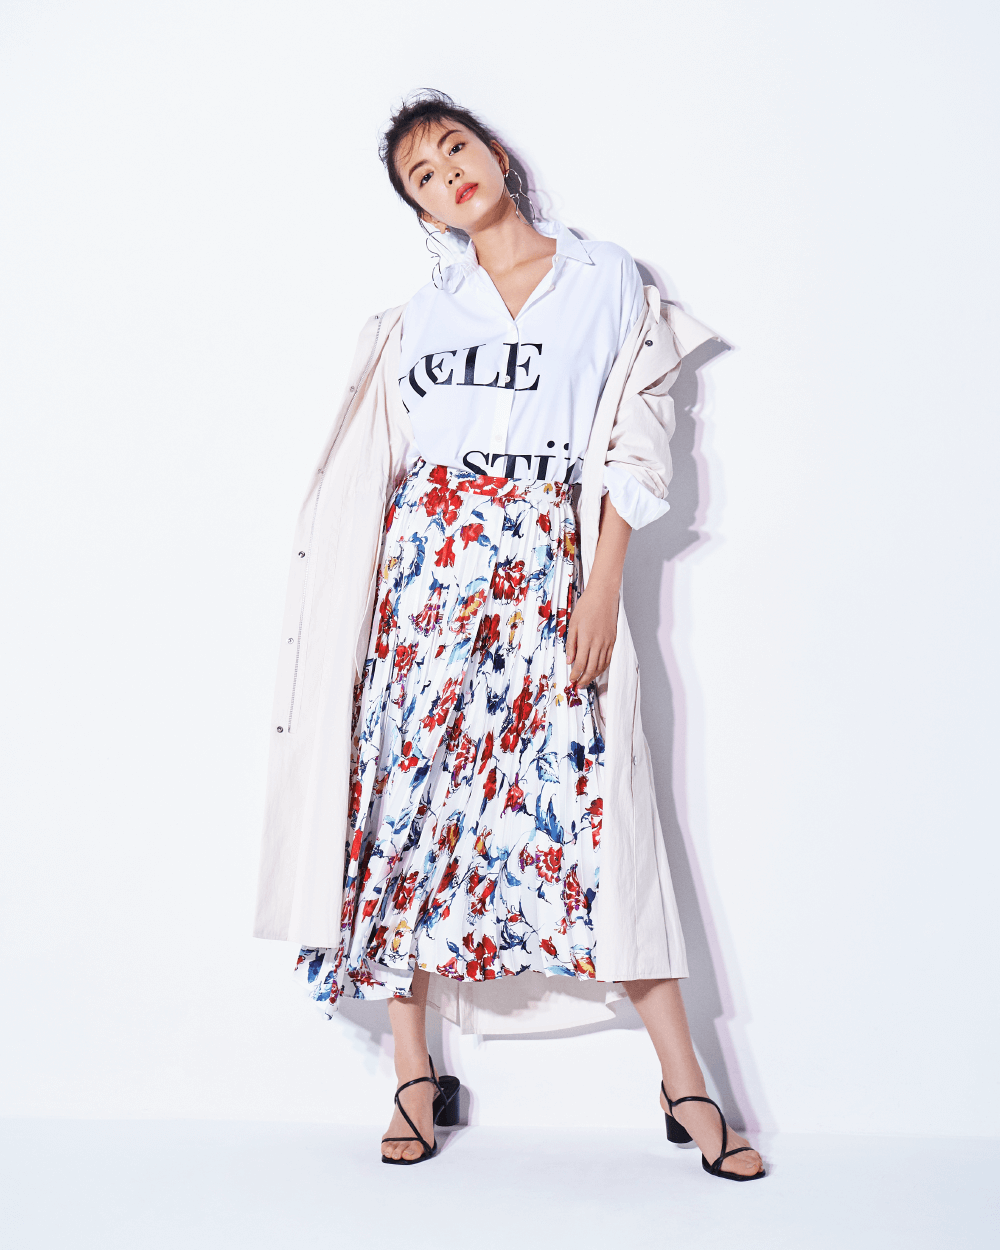 矢野未希子が着る、心が躍る大ぶりなフラワープリントのスカート │ FRAY I.D(フレイ アイディー)公式サイト